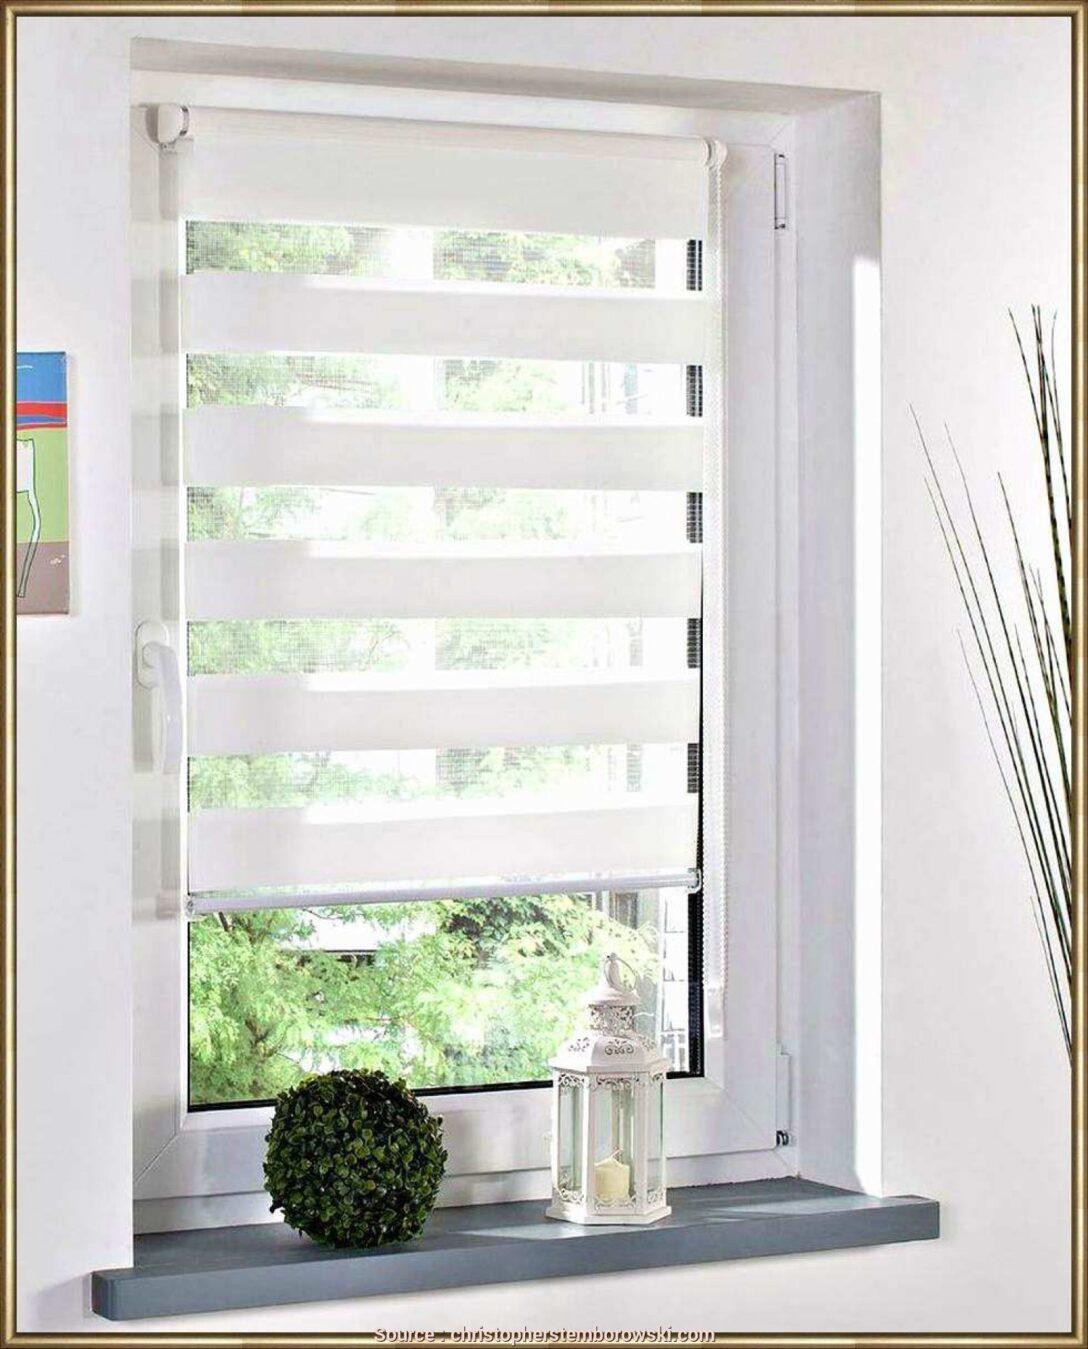 Large Size of Fensterfolie Ikea Anbringen Statische Blickdicht Sichtschutz Bad Miniküche Betten Bei Sofa Mit Schlaffunktion Küche Kosten Kaufen 160x200 Modulküche Wohnzimmer Fensterfolie Ikea